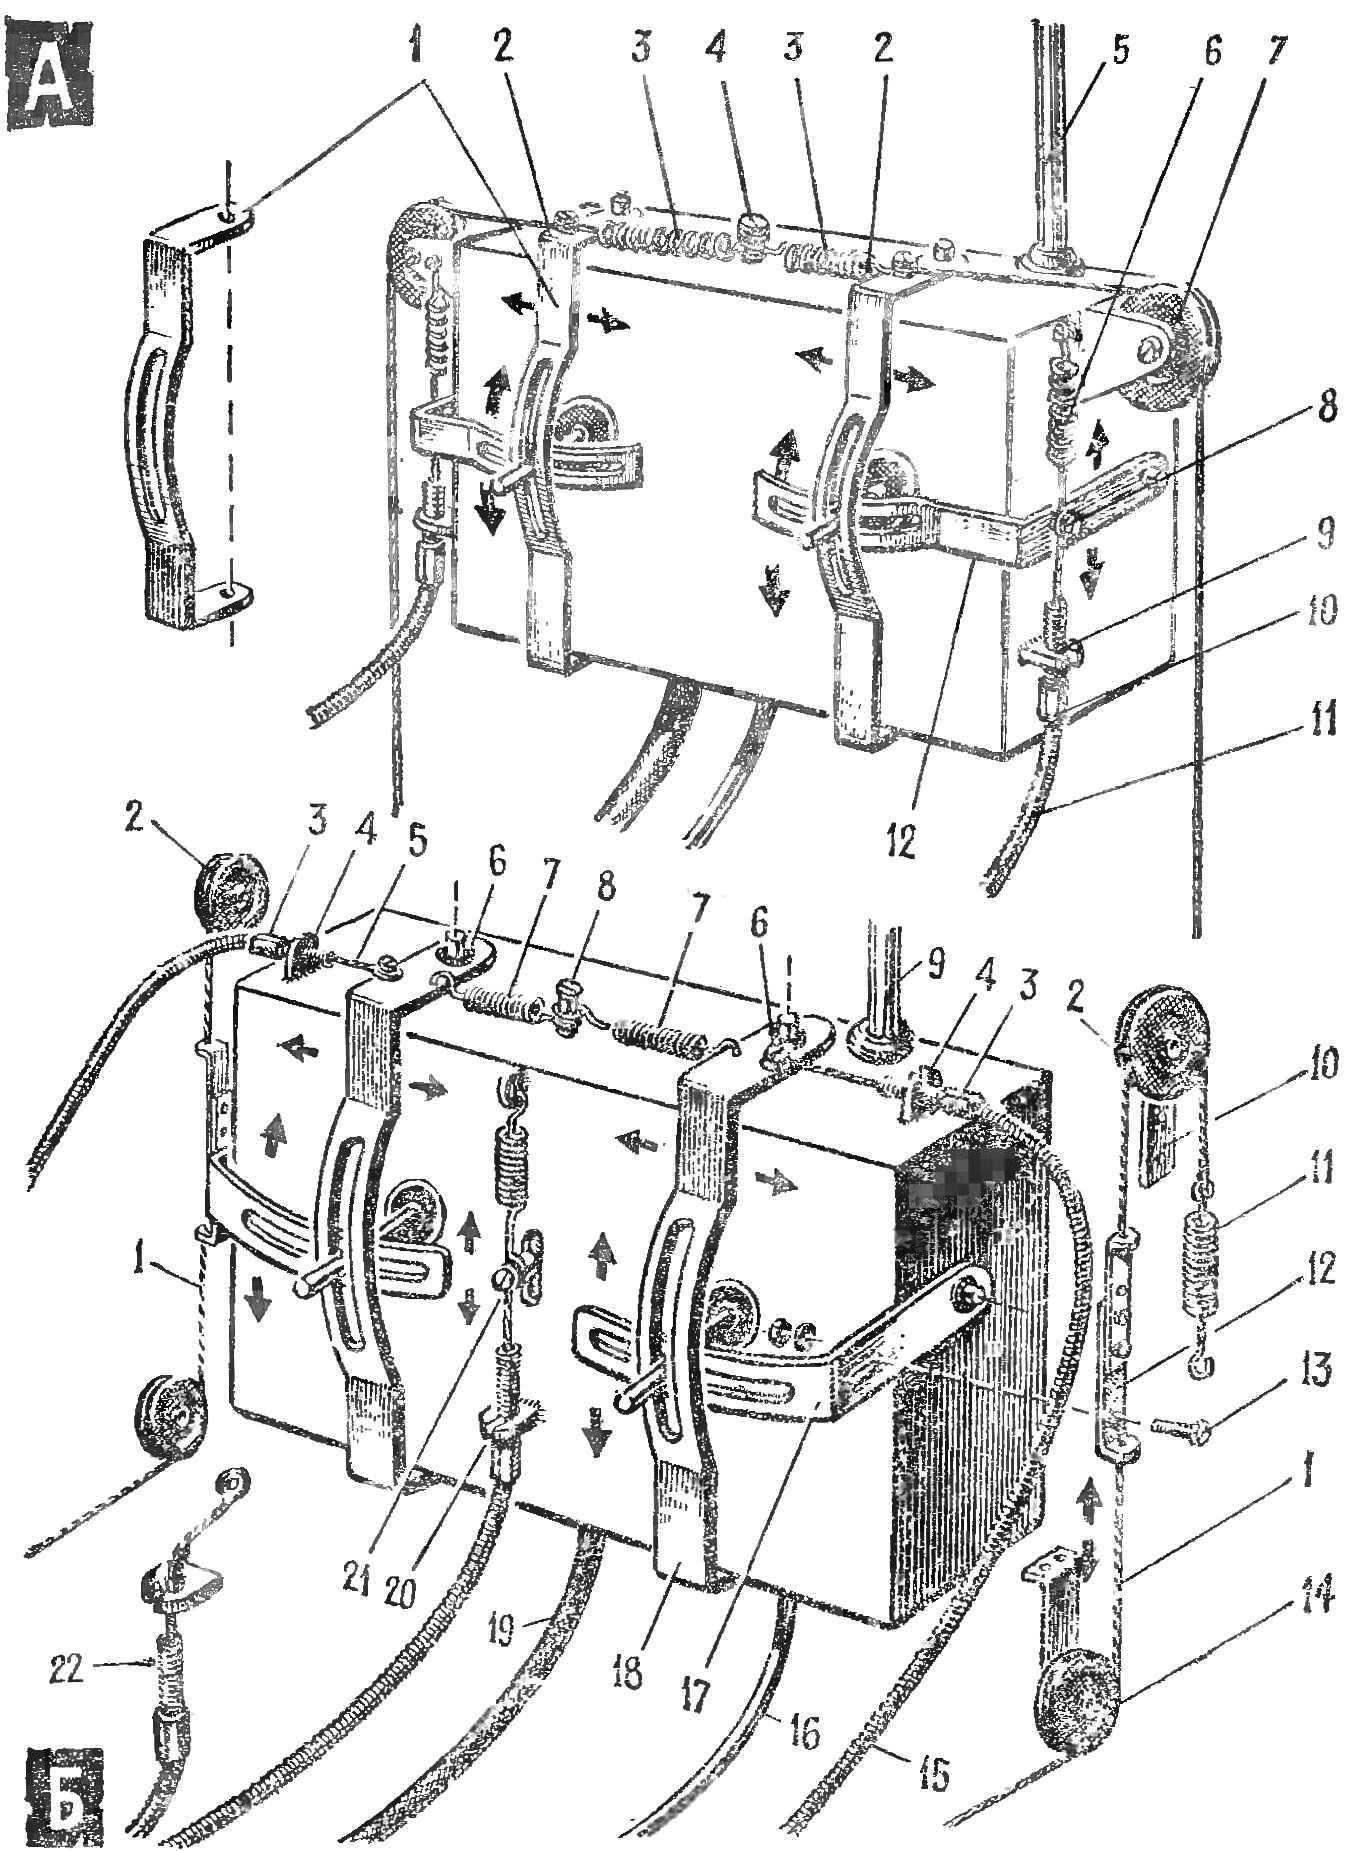 Компоновка органов управления радиопередатчиком пропорционального типа, установленным на «кресле»